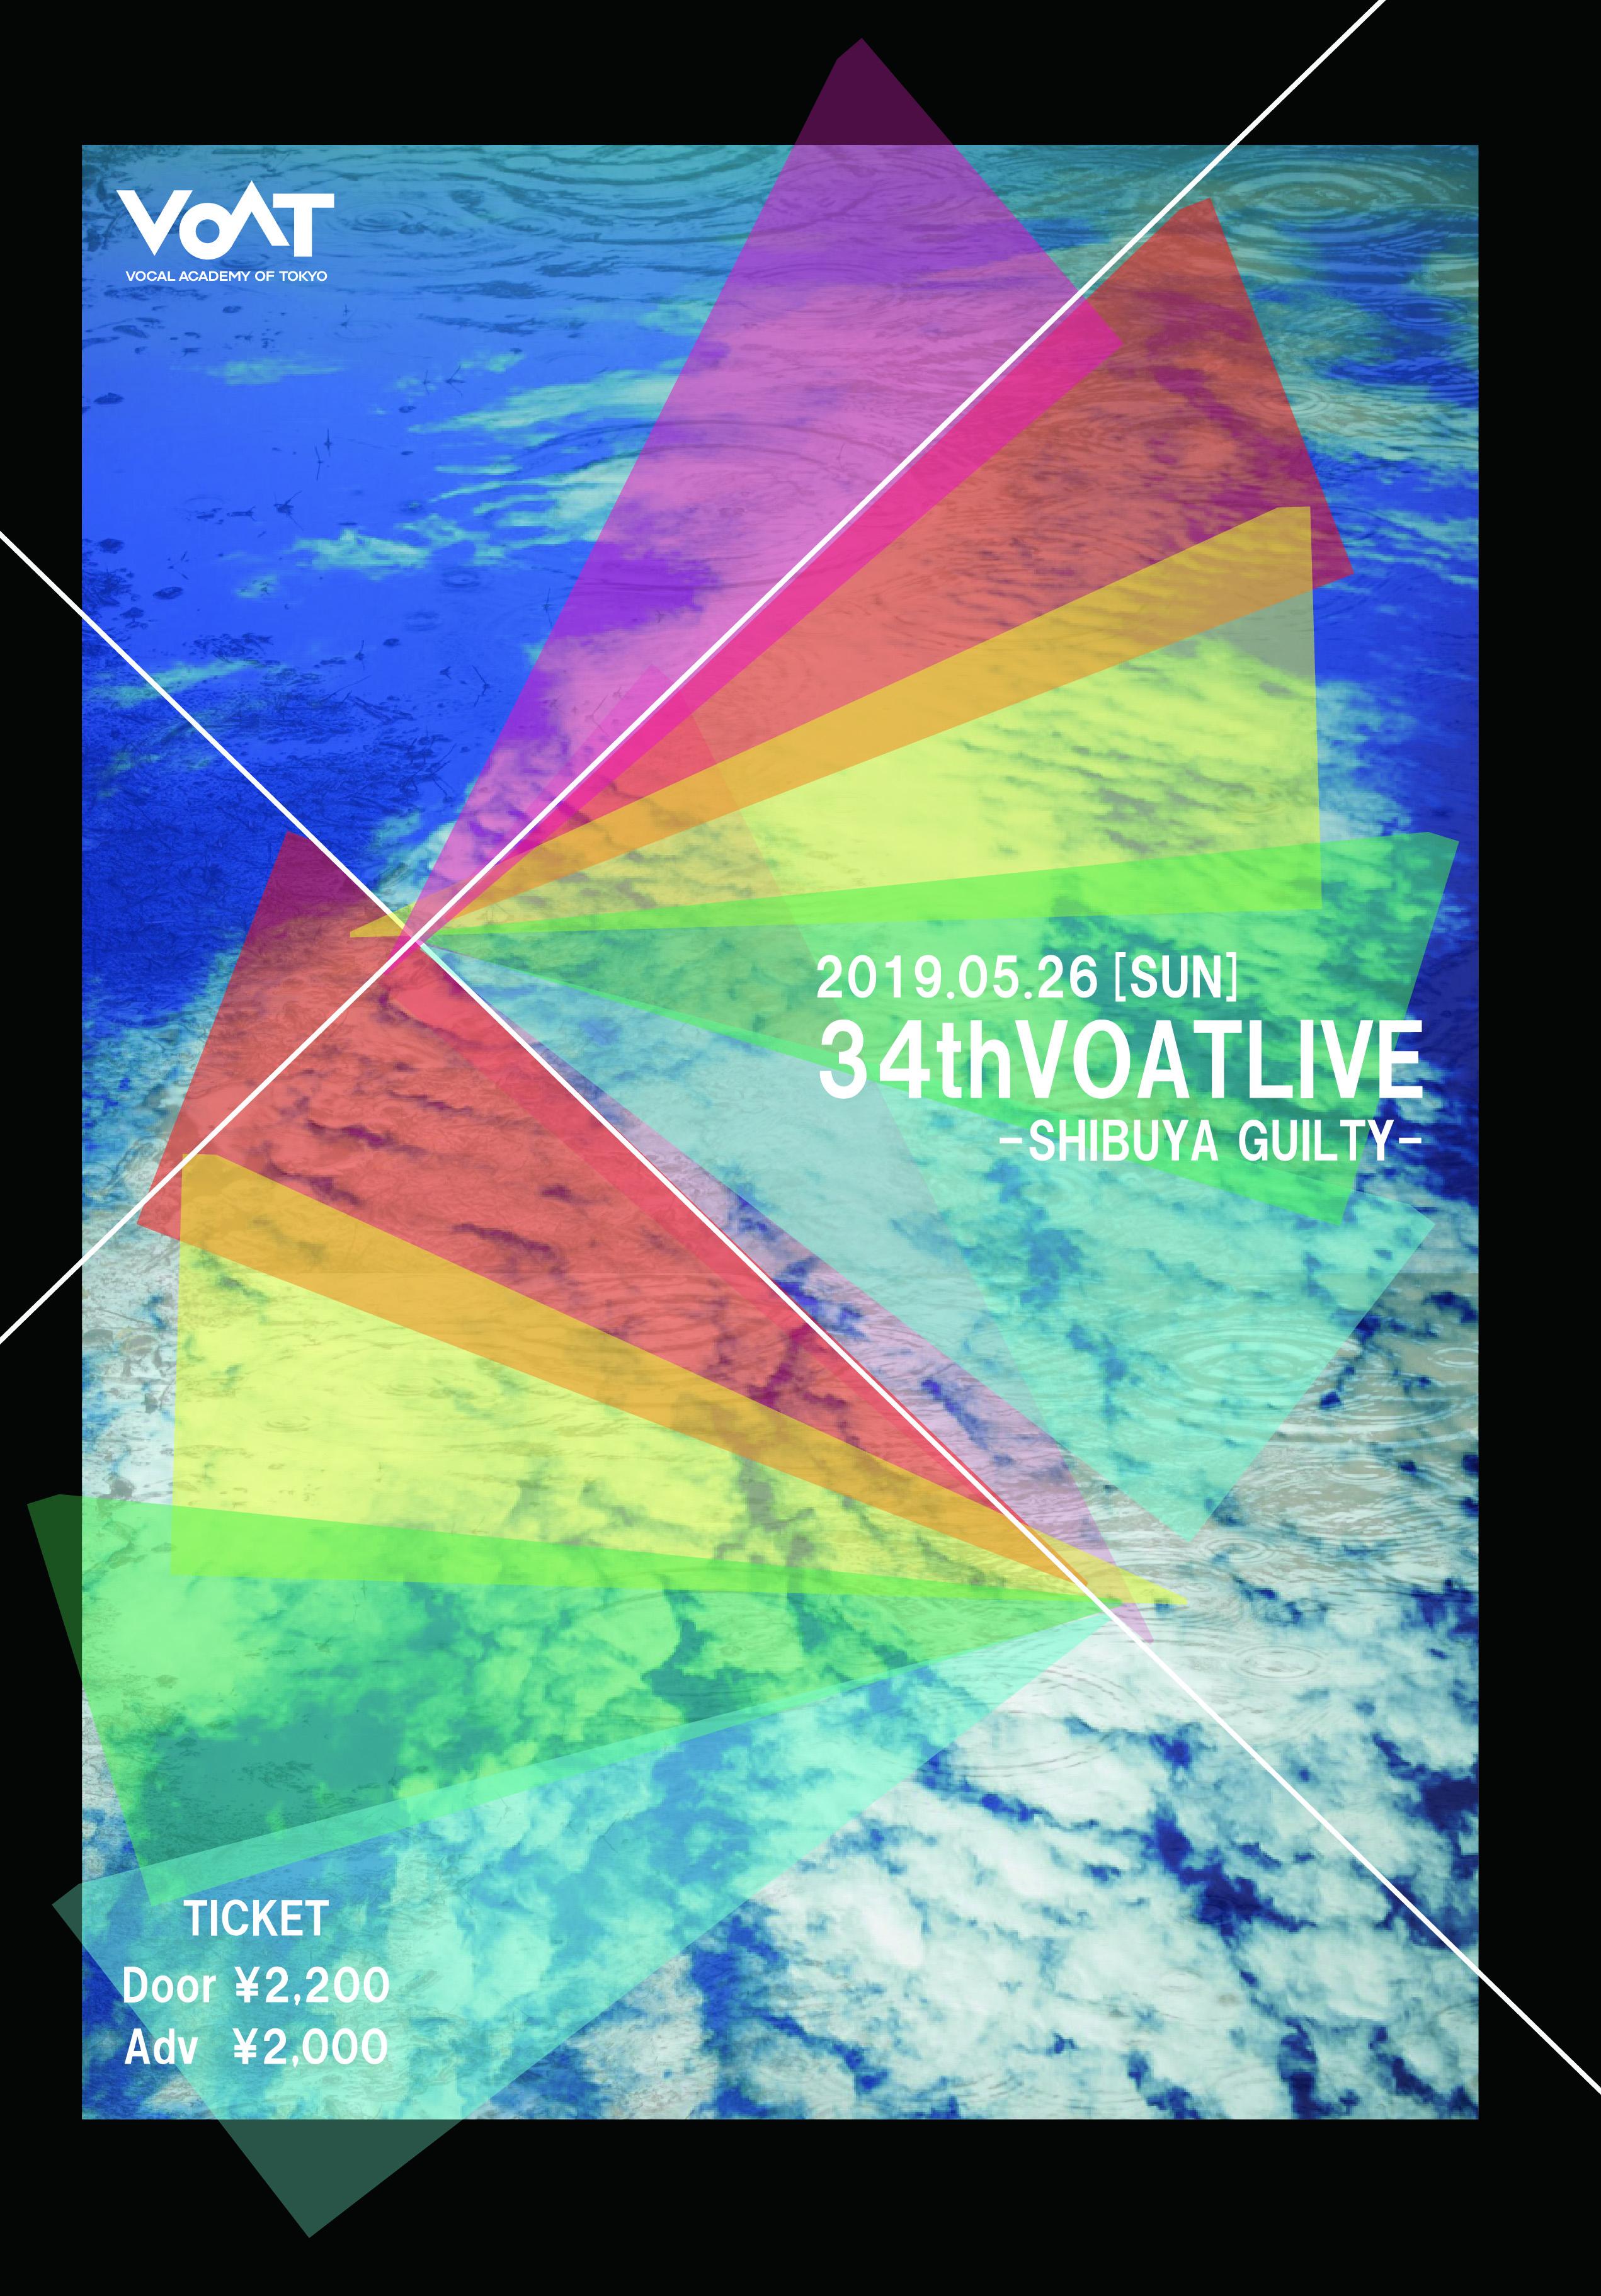 【東京】5/26(日)34thVOATLIVEいよいよ開催!